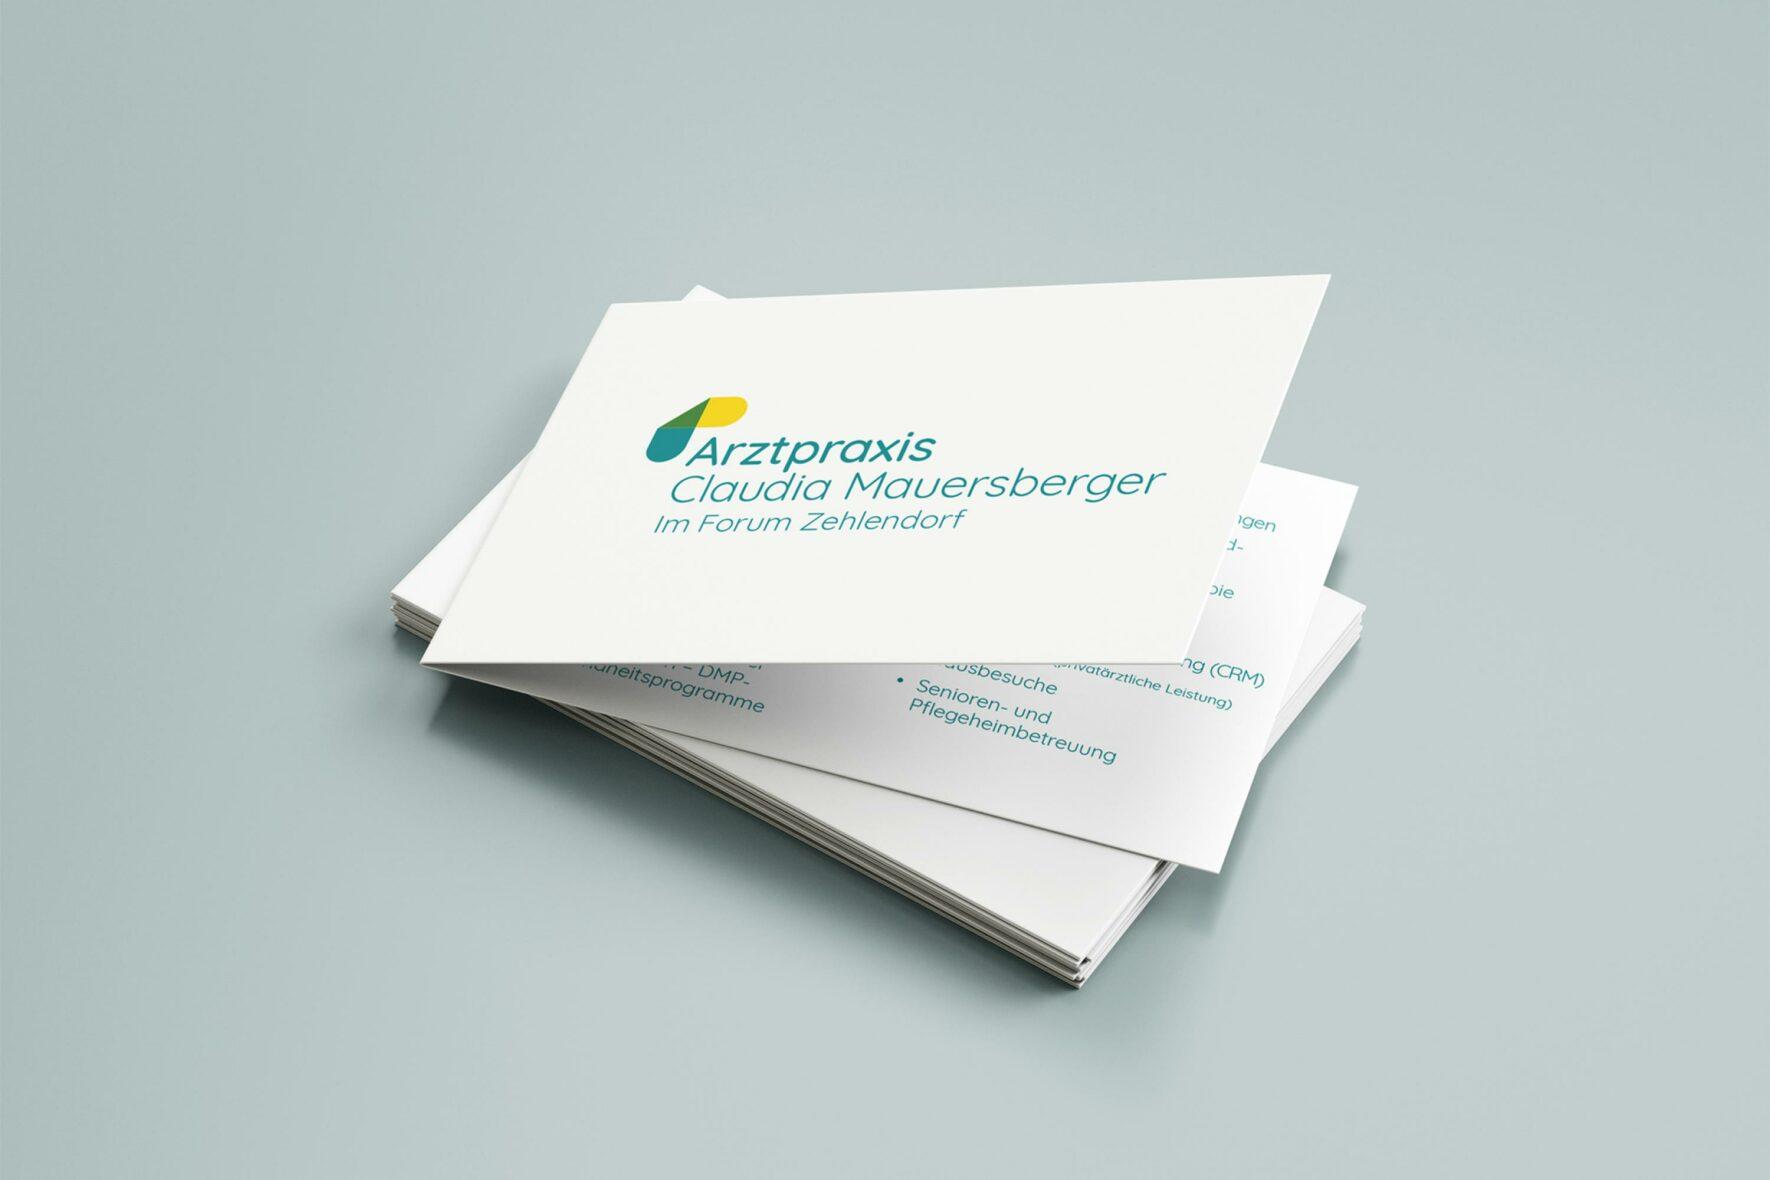 Praxis-Claudia-Mauersberger-Corporate-Design-Print-Geschaeftsausstattung-Visitenkarten-FORMLOS-Berlin3